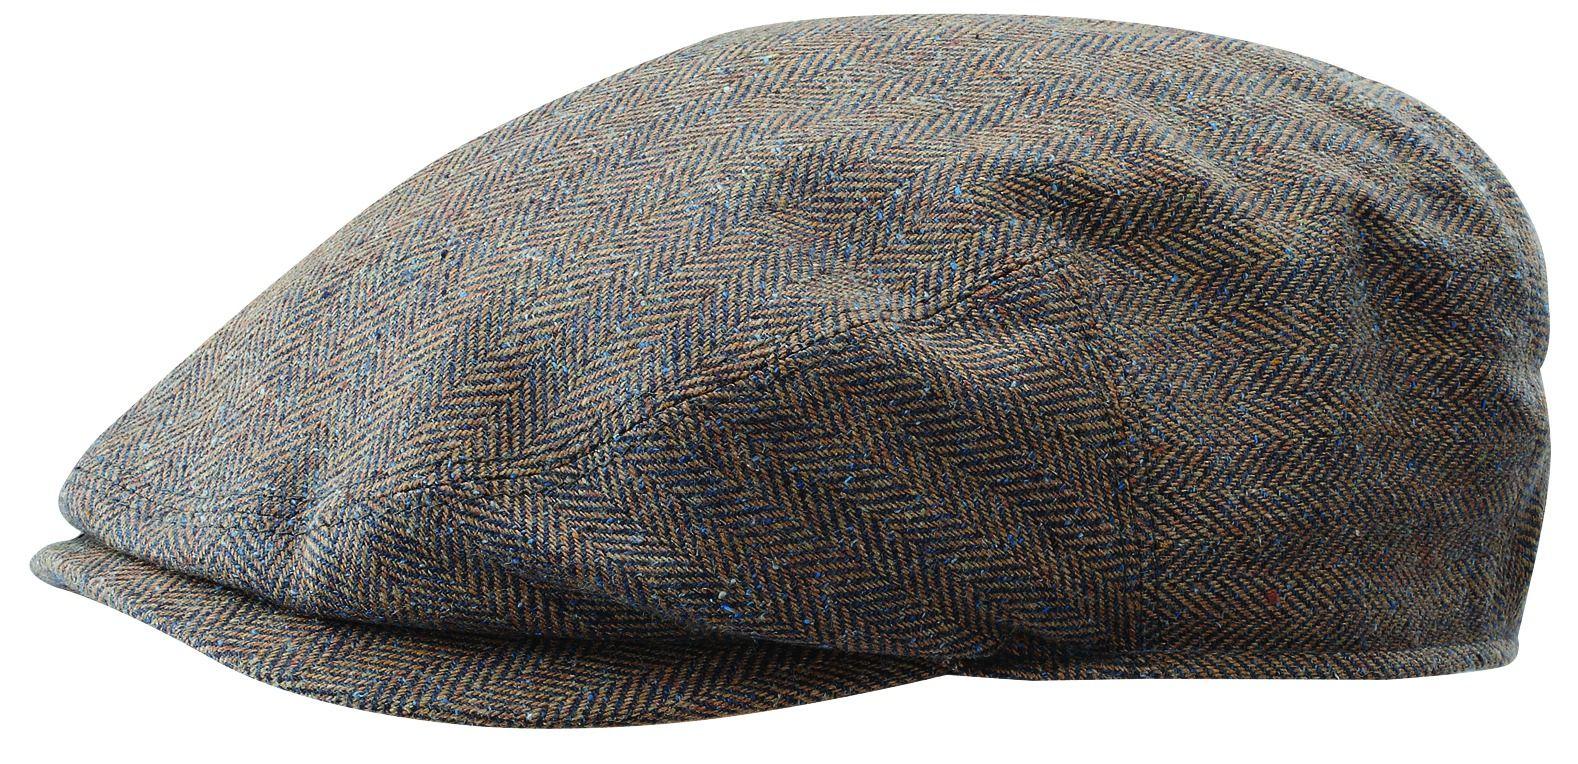 32231556c Stetson Bandera Silk Blend Ivy Cap | Hats | Hats, Cap, Silk